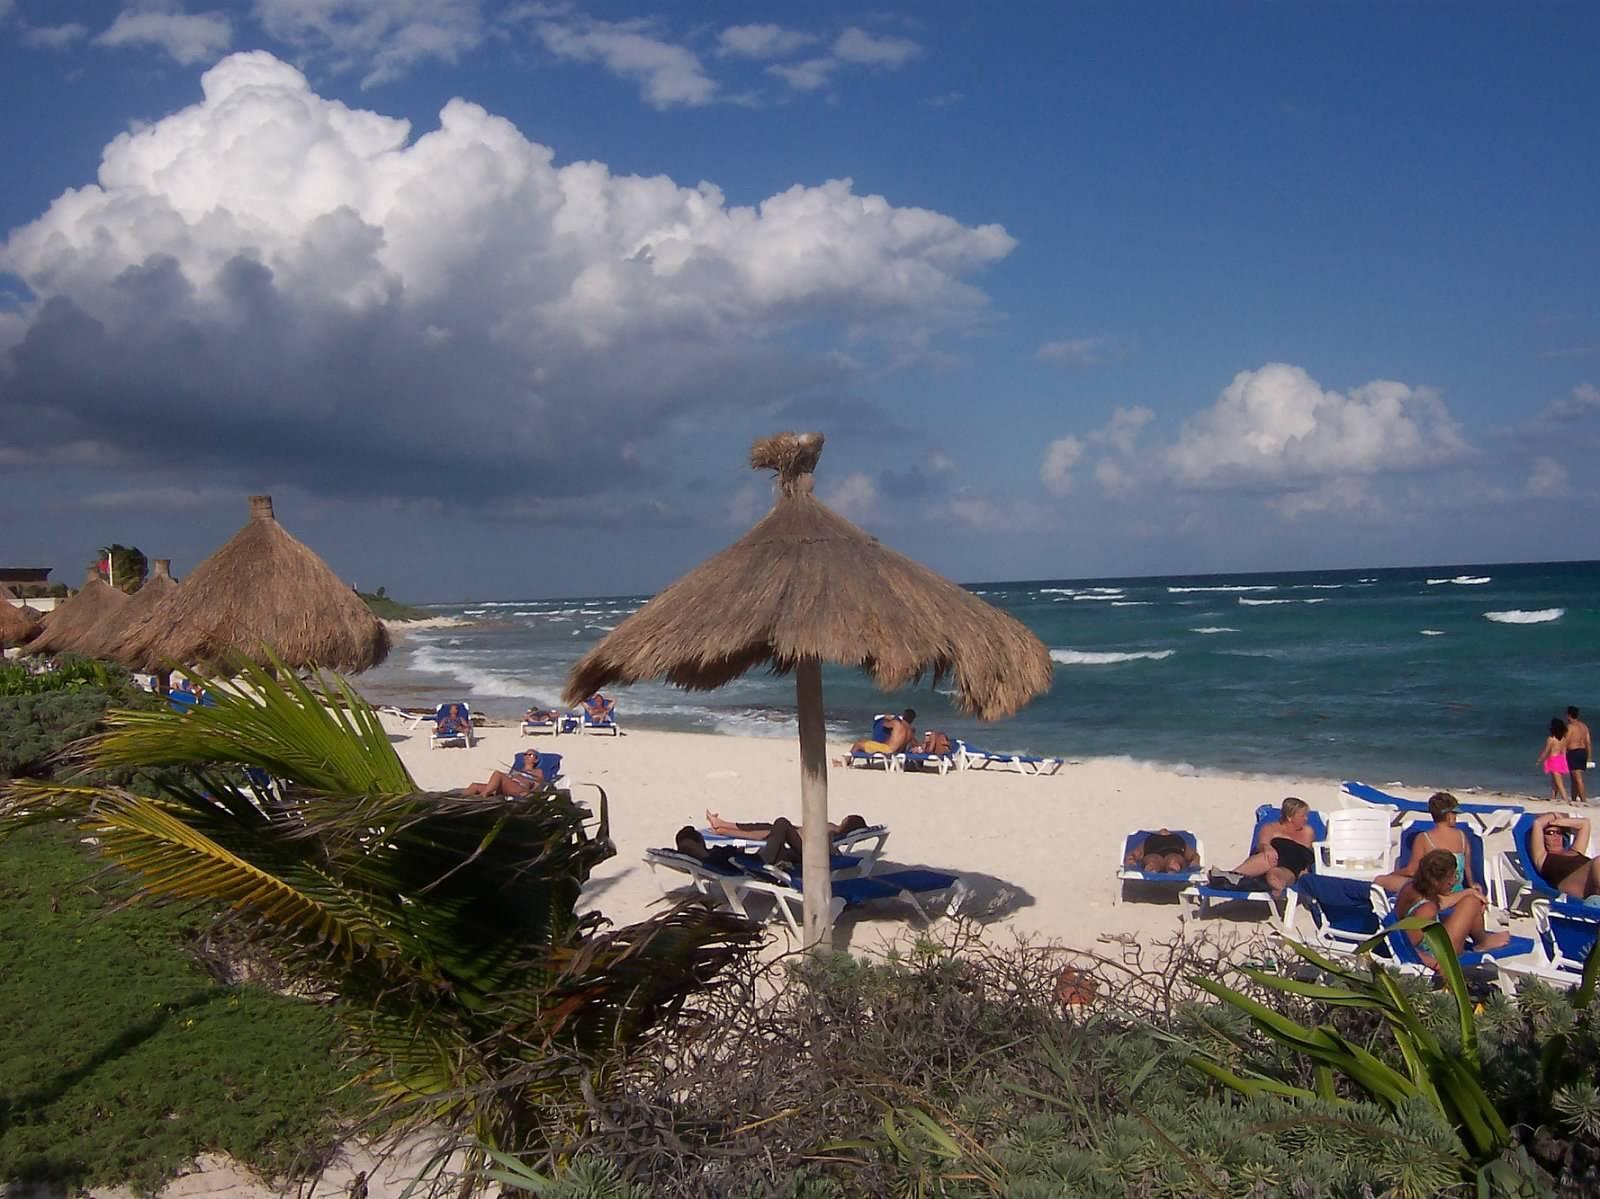 Cancun Beach by Frank Morris